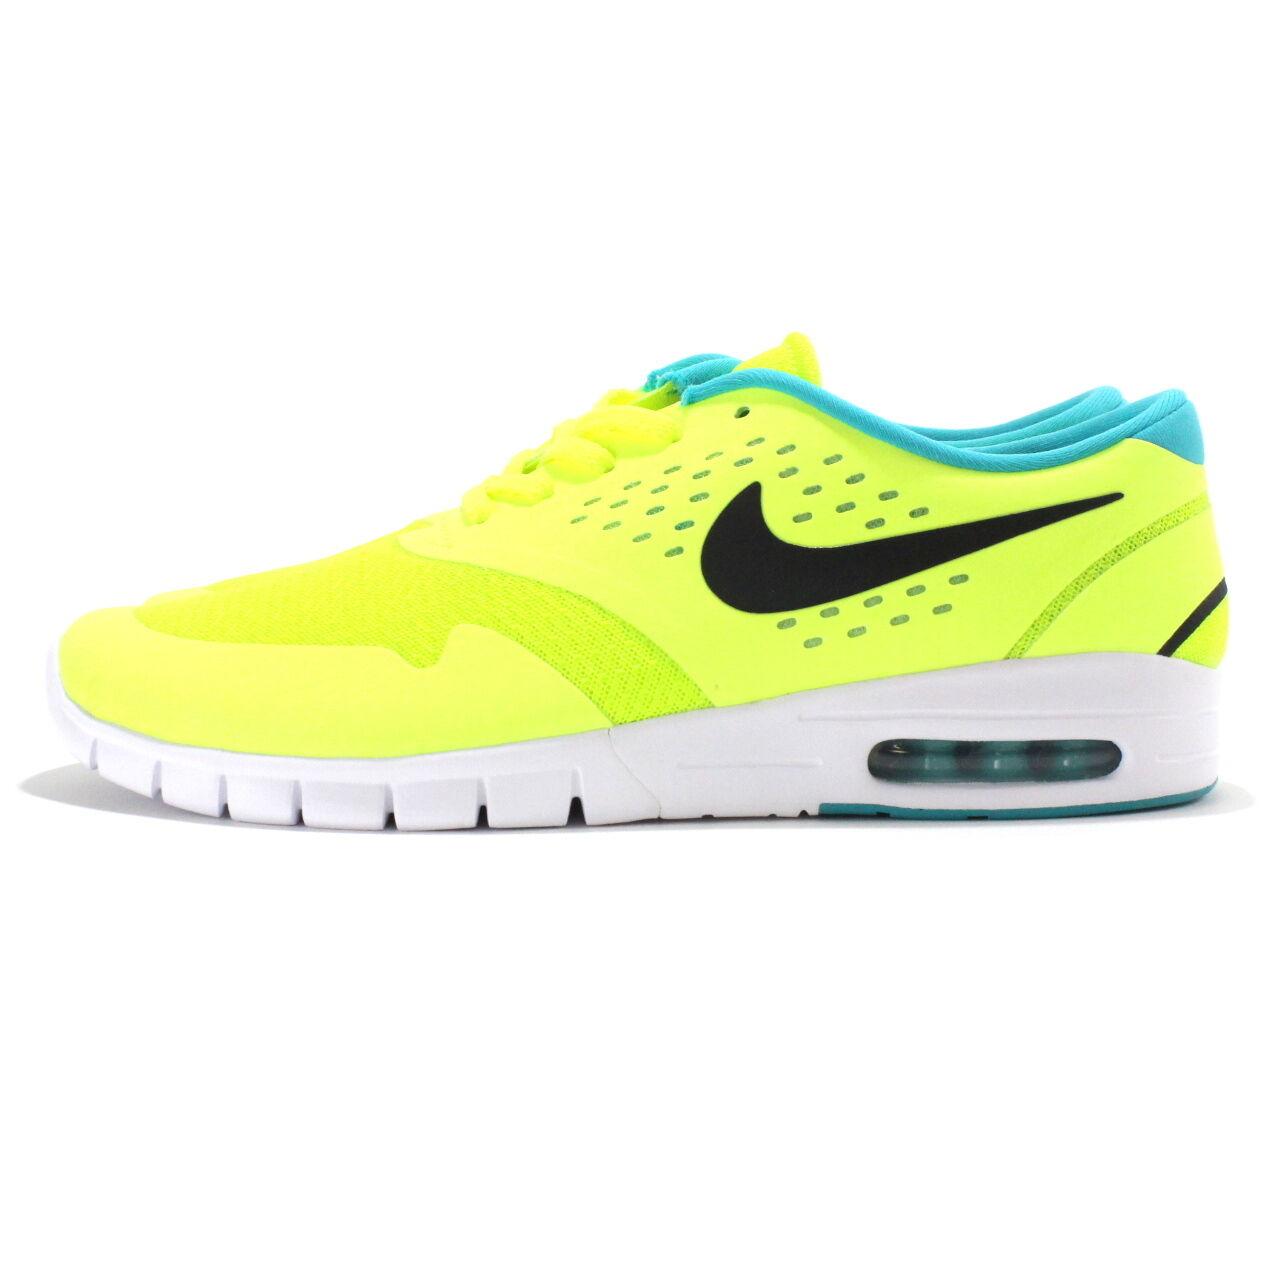 Nike eric koston 2 max sb sz 12 volt nero dusty cactus 631047 703